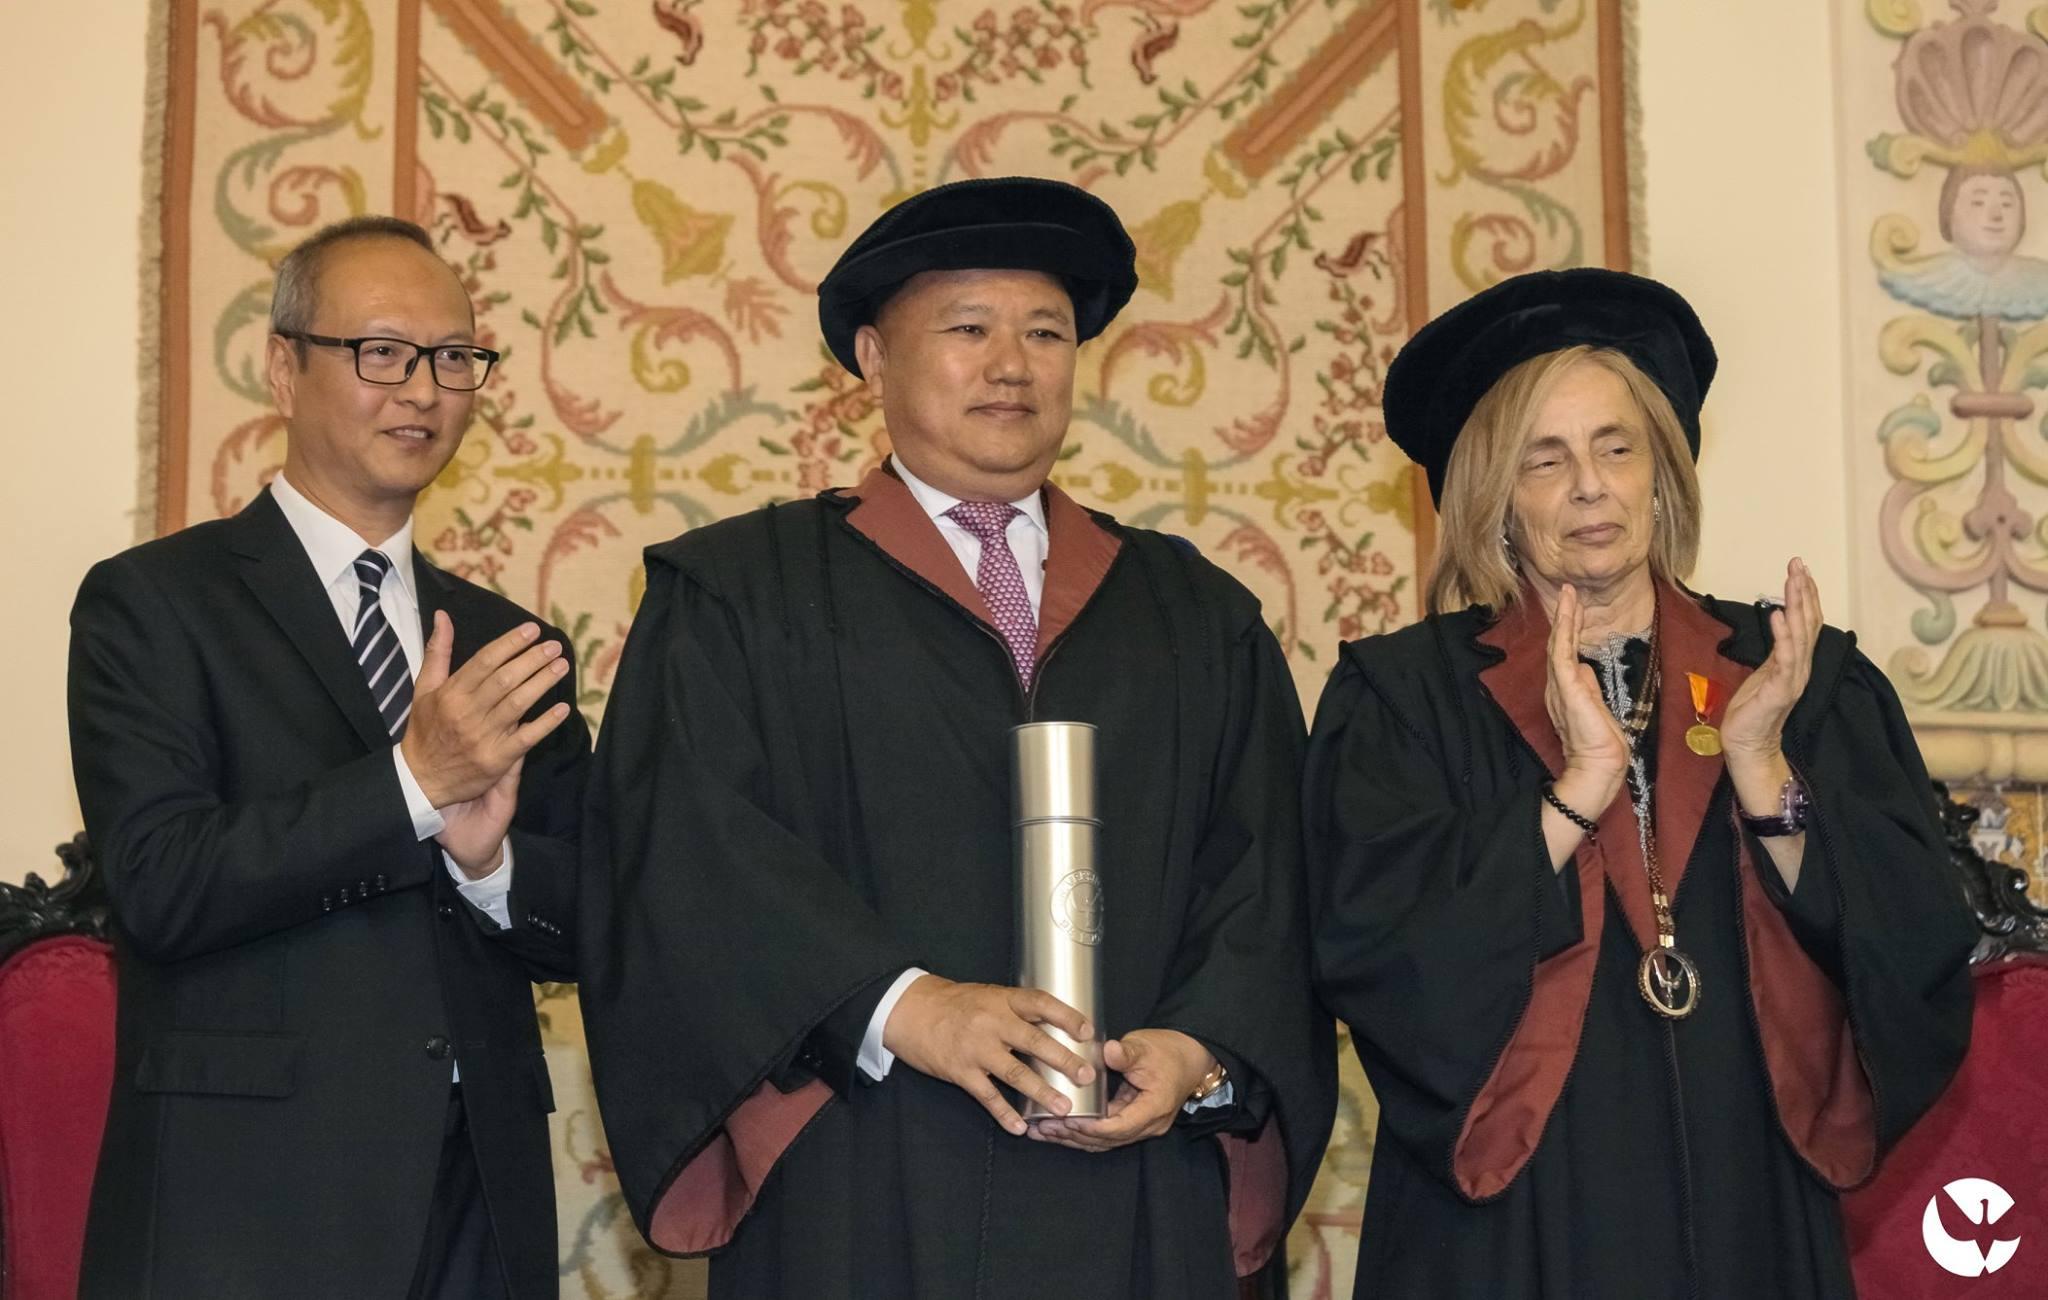 Universidades de Évora e de Macau unem-se em projectos de tradução e de património